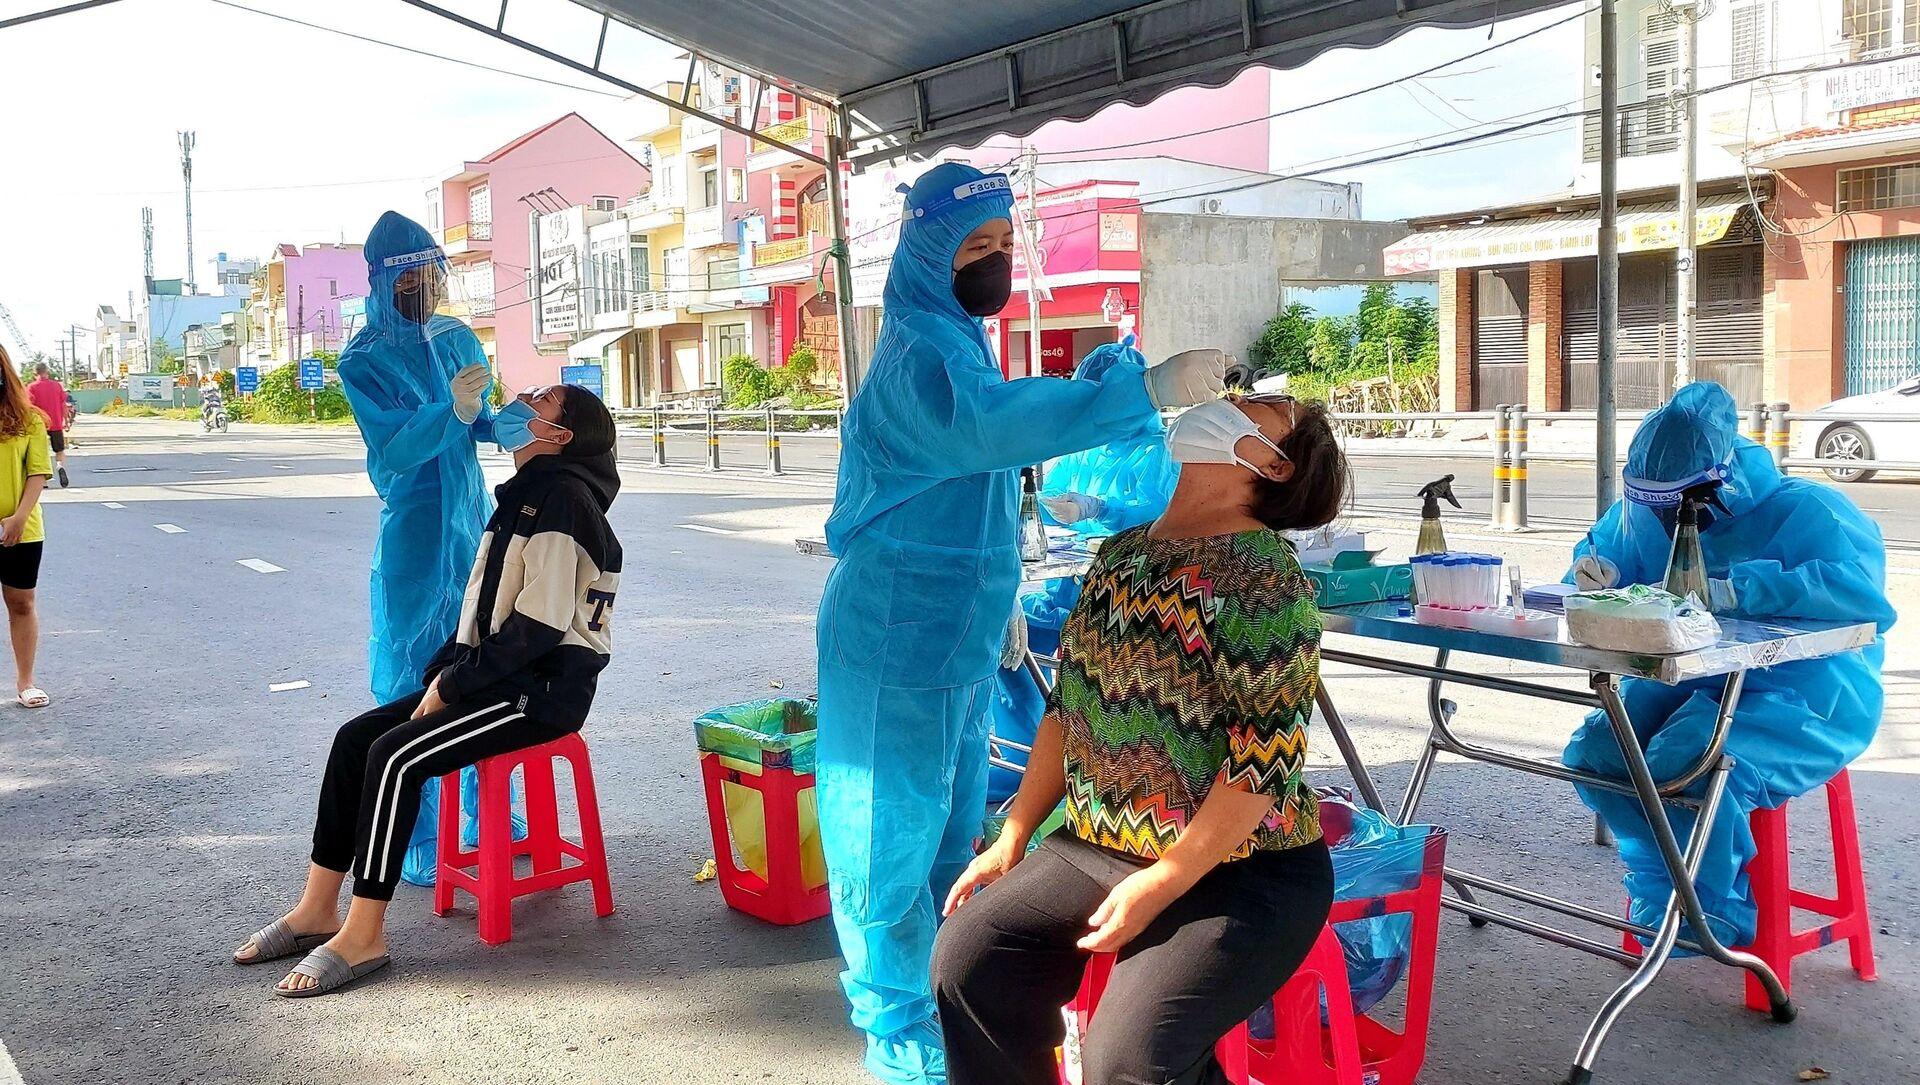 Lực lượng y tế thành phố Cần Thơ tiếp tục truy vết, lấy mẫu xét nghiệm để bóc tách F0 ra khỏi cộng đồng, sớm làm sạch địa bàn - Sputnik Việt Nam, 1920, 27.09.2021